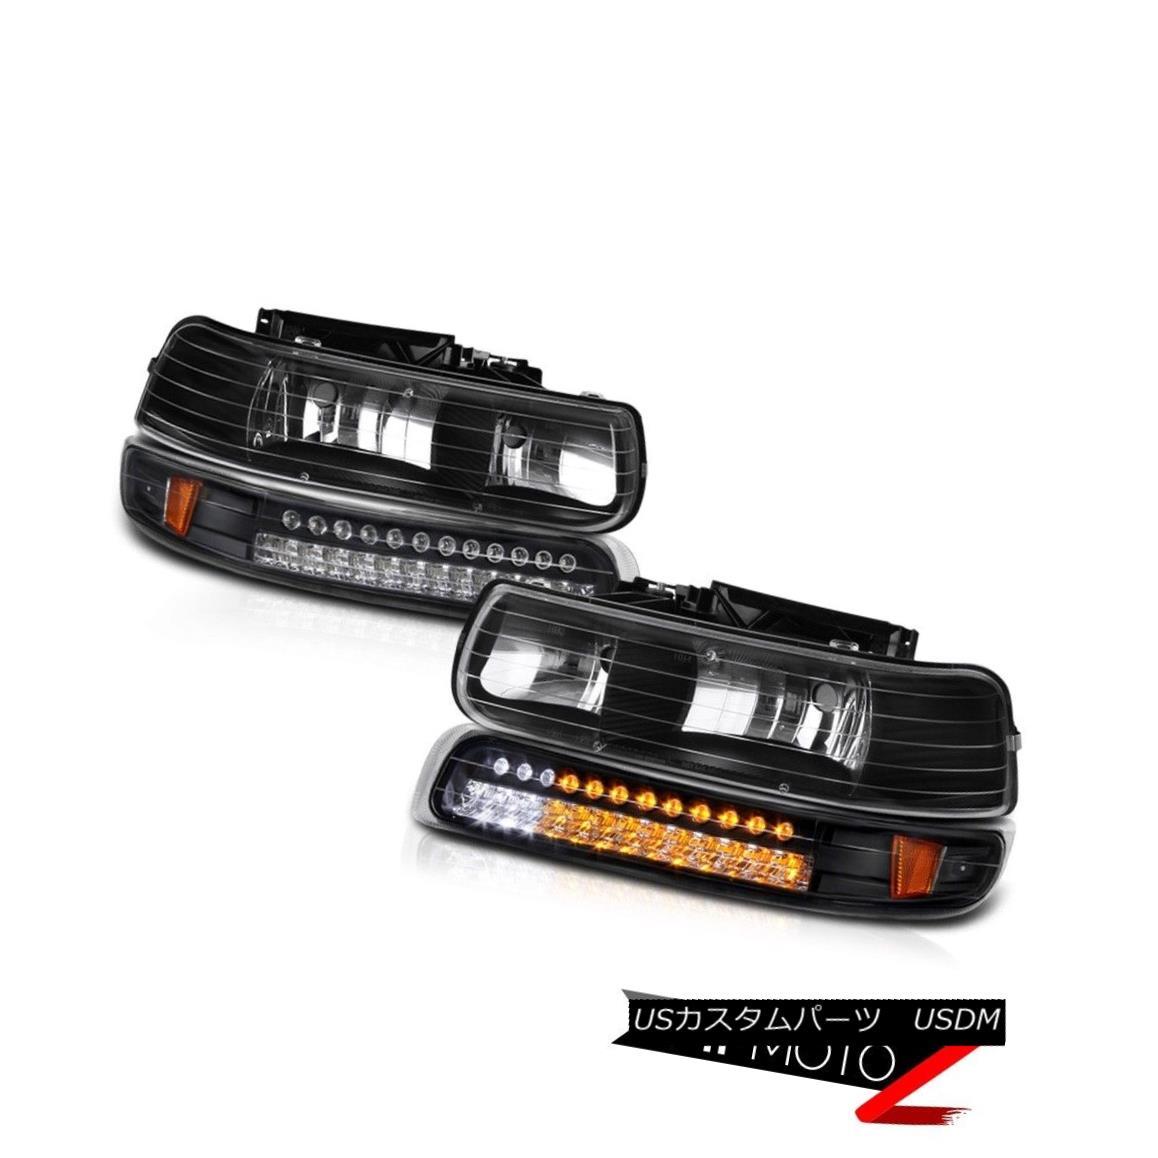 テールライト 1999 2000 2001 2002 Silverado 2500 Tail Lights Fog Chrome Foglights Signal Lamp 1999 2000 2001 2002 Silverado 2500テールライトフォグクロムフォグライト信号ランプ